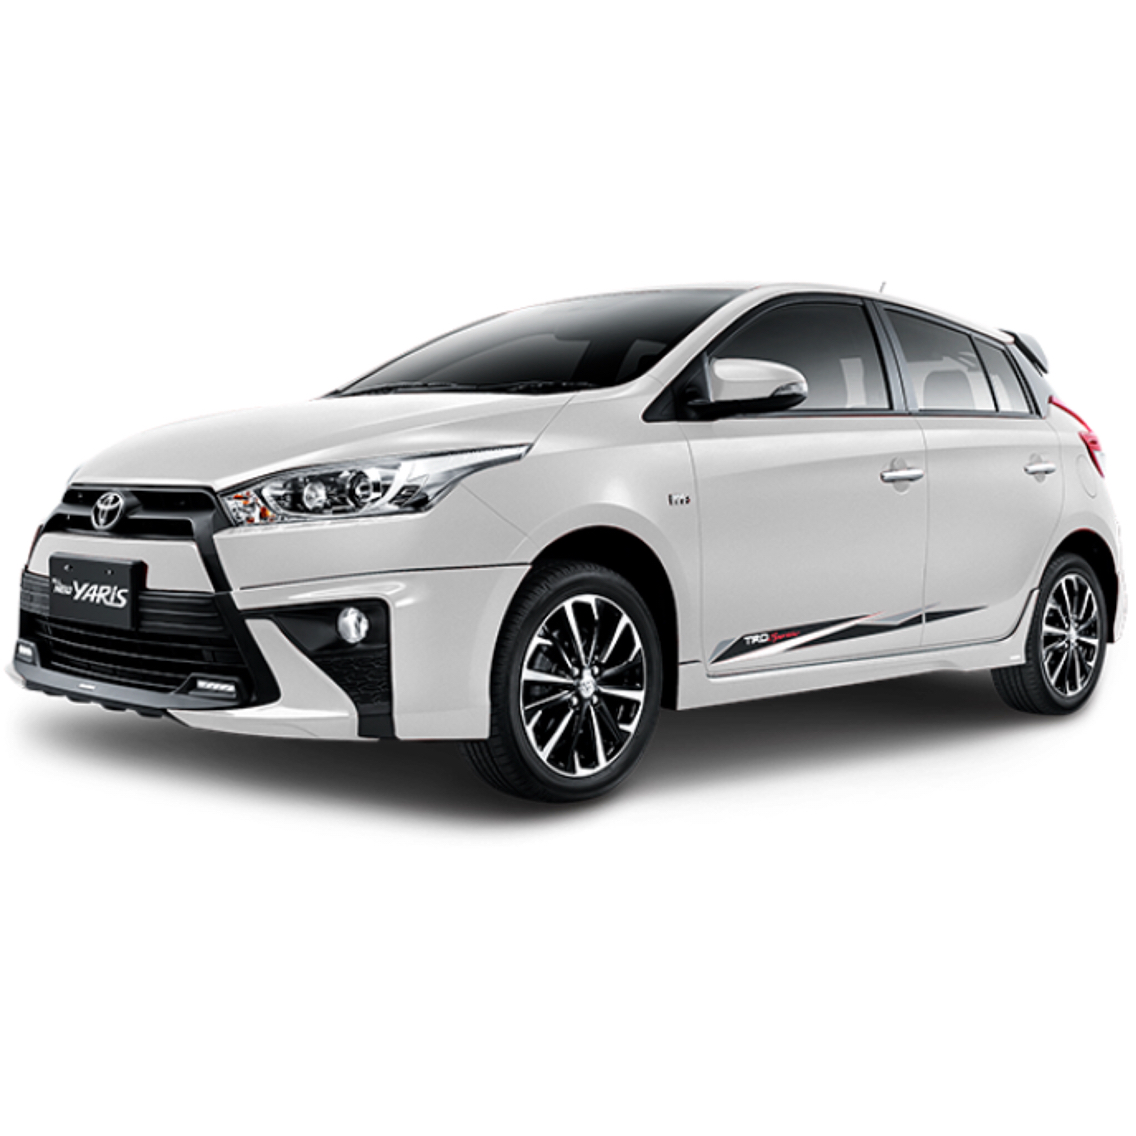 Harga New Yaris Trd 2018 Grand Avanza Ngelitik Mobil Toyota Semarang Sales Promo Kredit